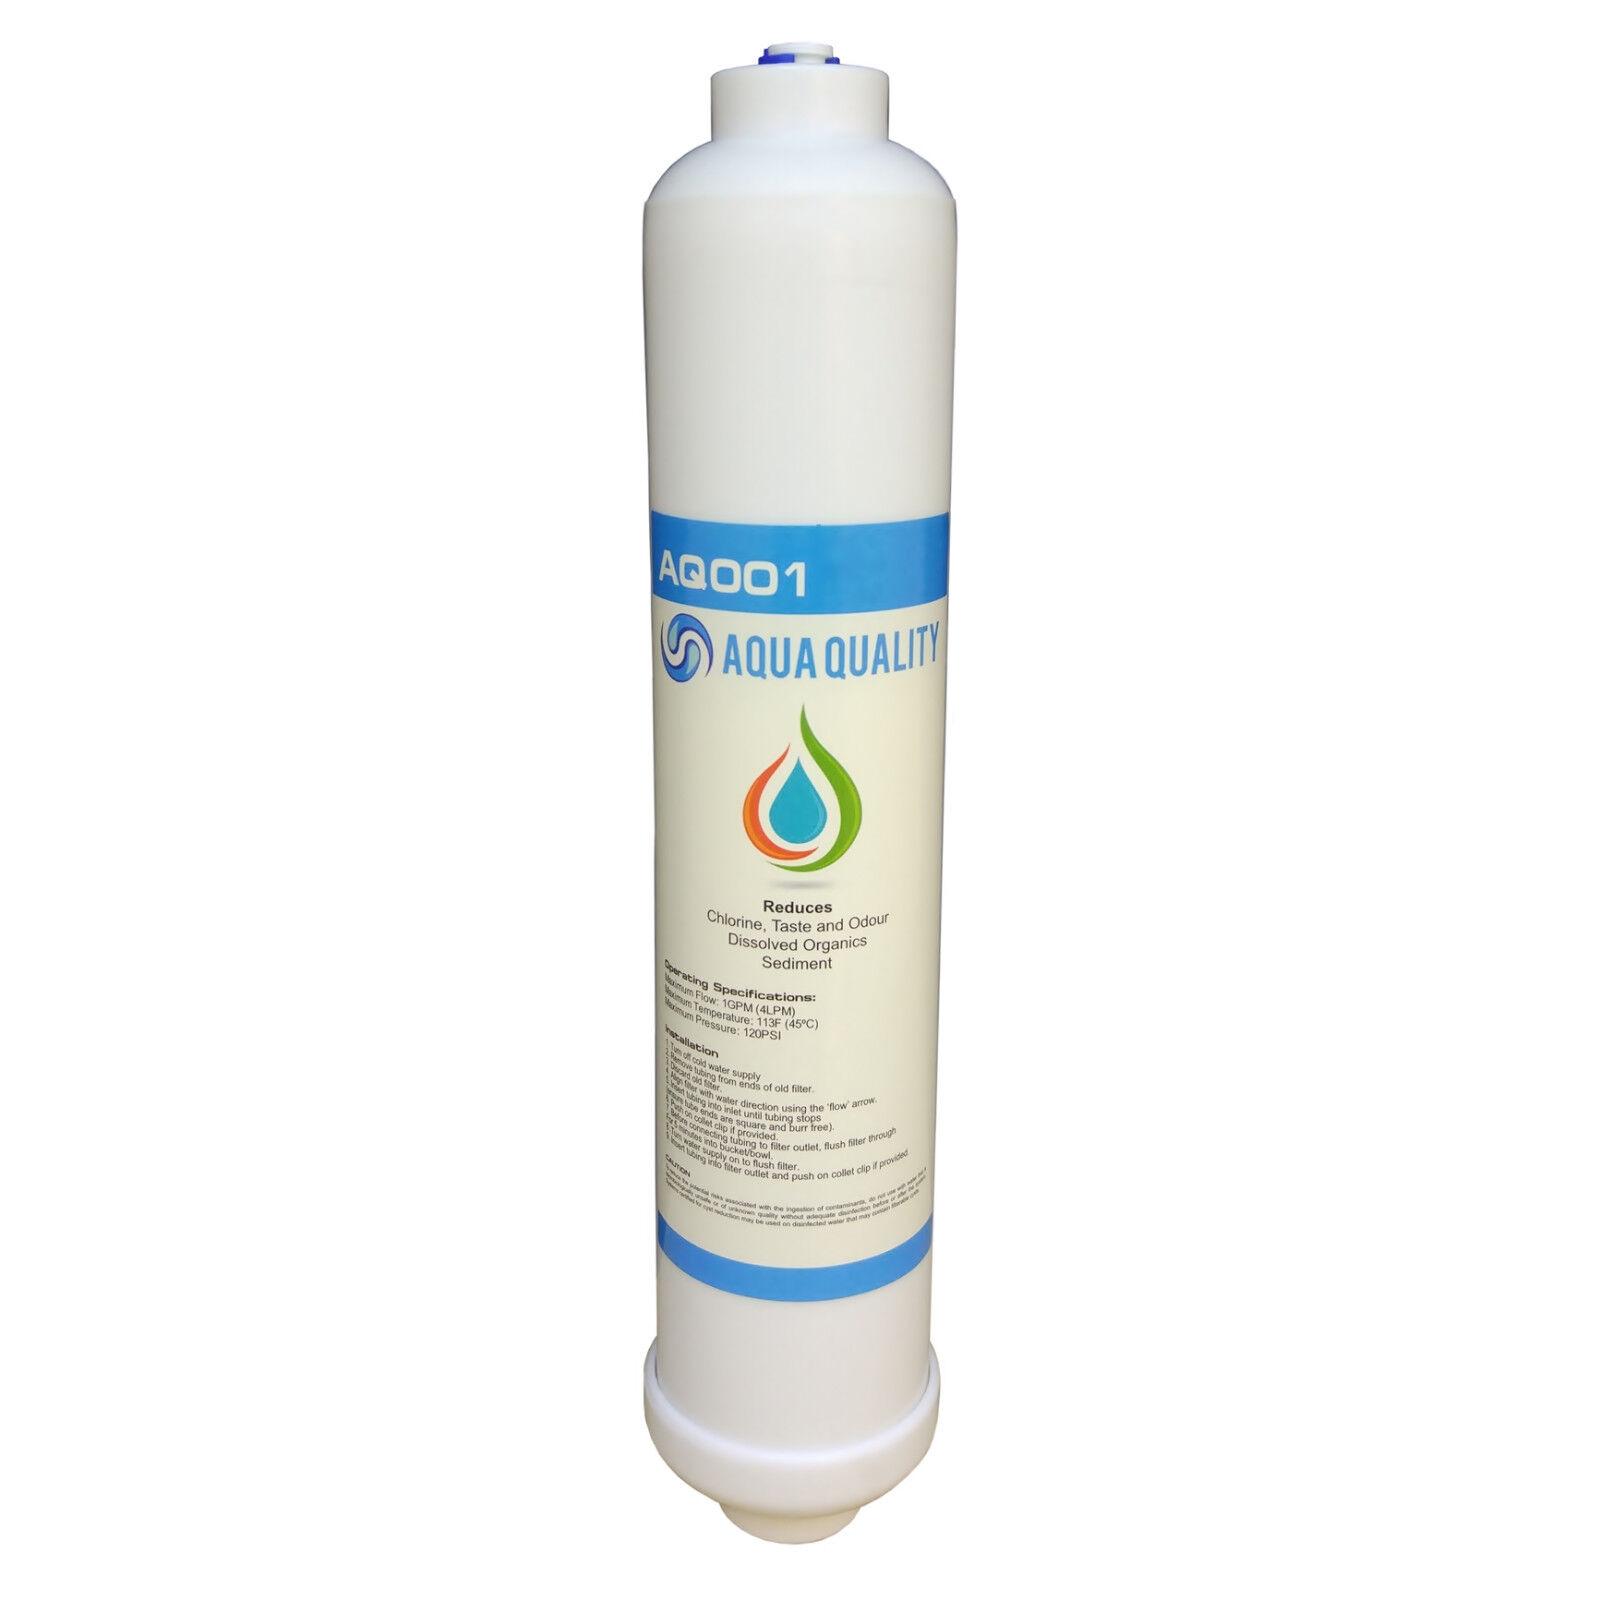 4x Frigorifero Filtro plus calce protezione filtro acqua